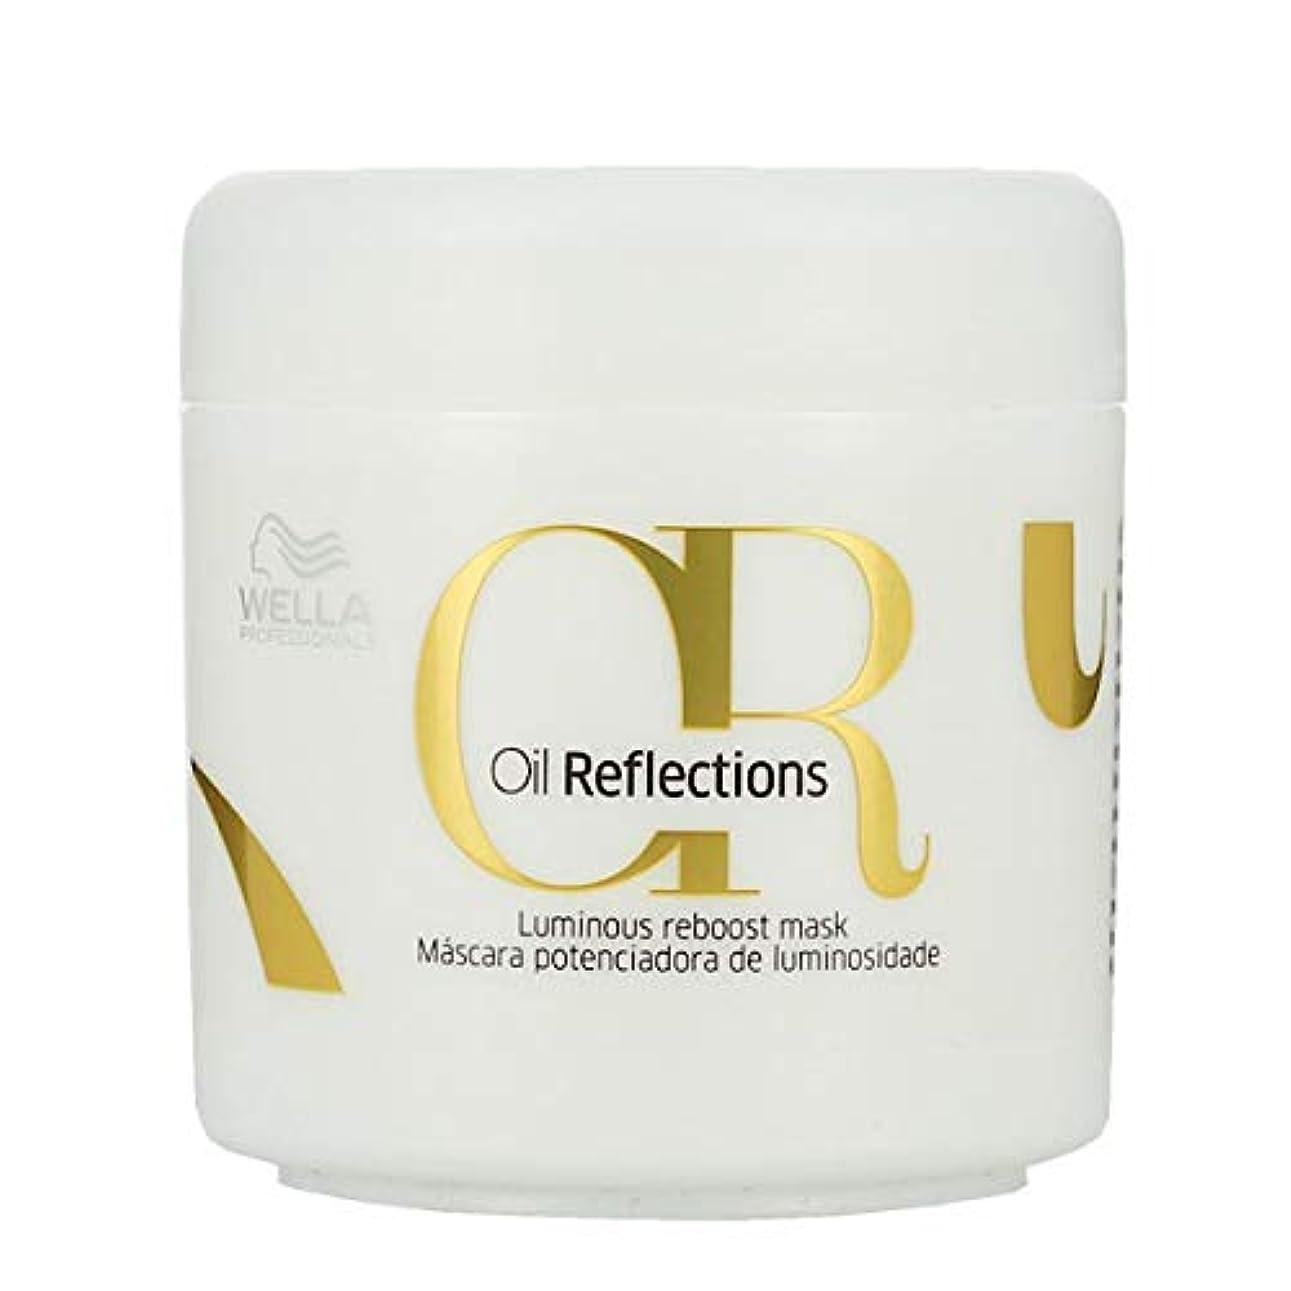 アラブ元気な祝うWella Professionals Oil Reflections Luminous Reboost Mask ウエラ オイルリフレクション マスク 150 ml [並行輸入品]